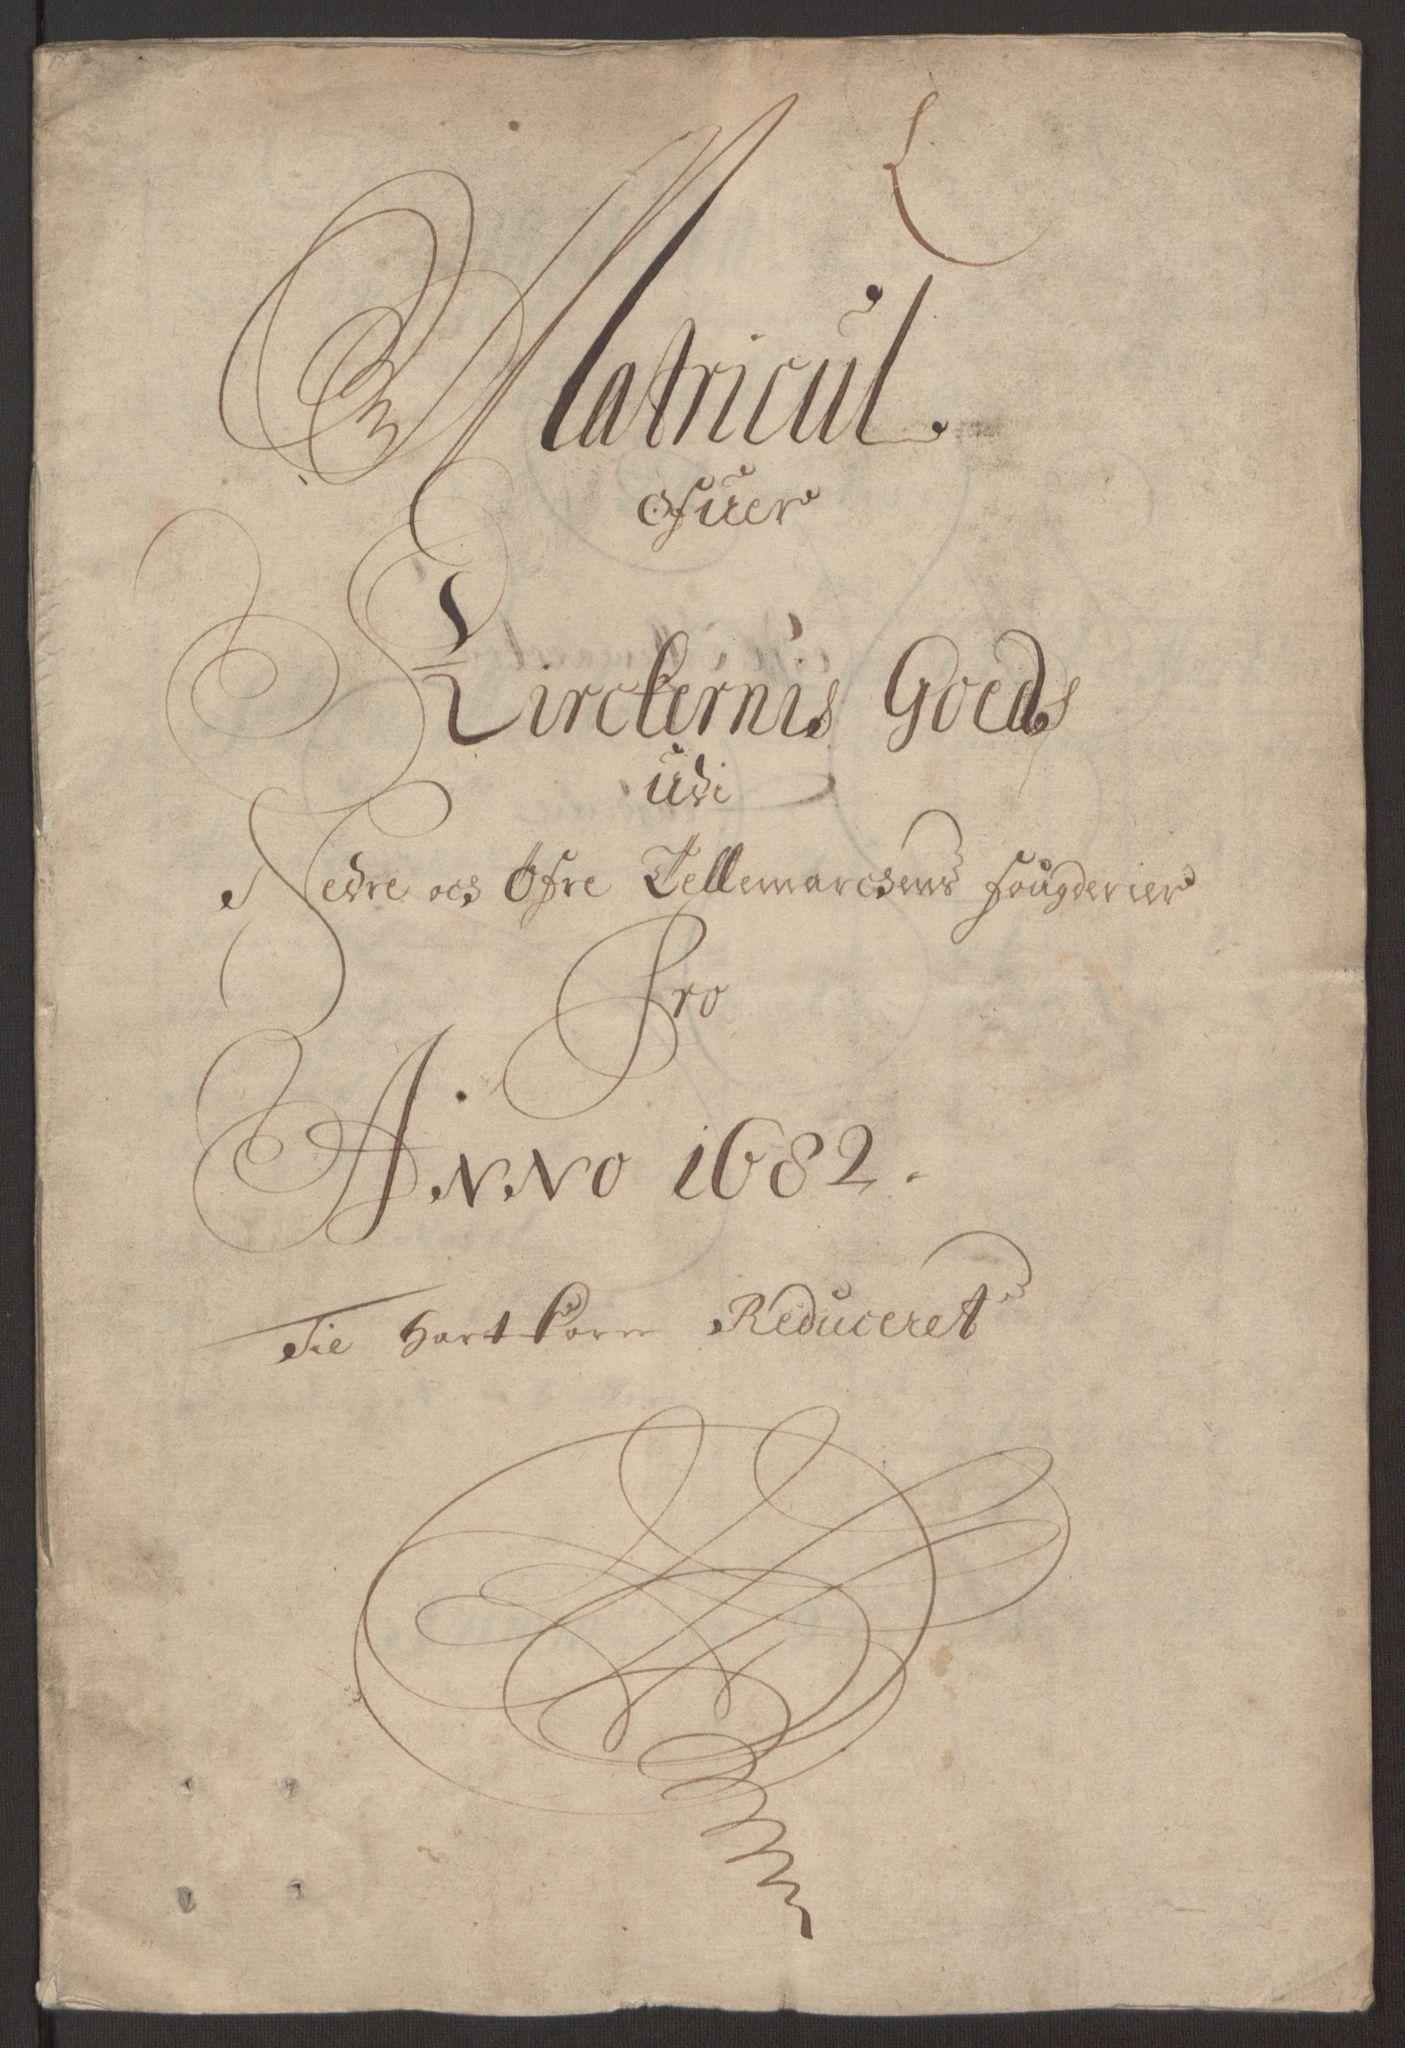 RA, Rentekammeret inntil 1814, Reviderte regnskaper, Fogderegnskap, R35/L2078: Fogderegnskap Øvre og Nedre Telemark, 1680-1684, s. 294